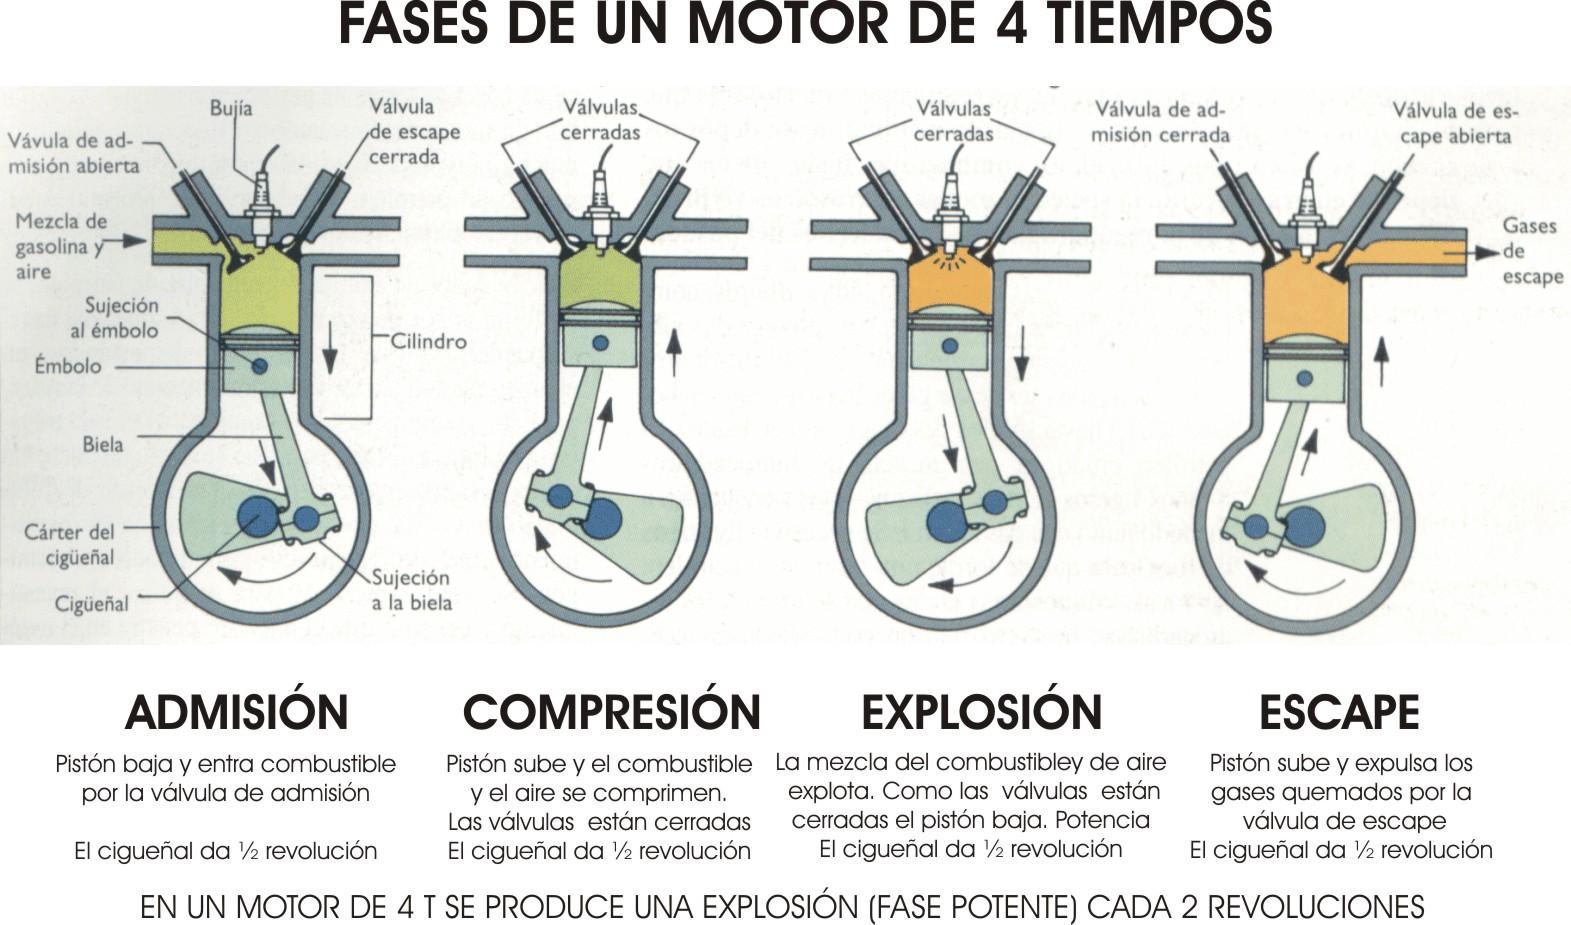 Motor explosion 4 tiempos